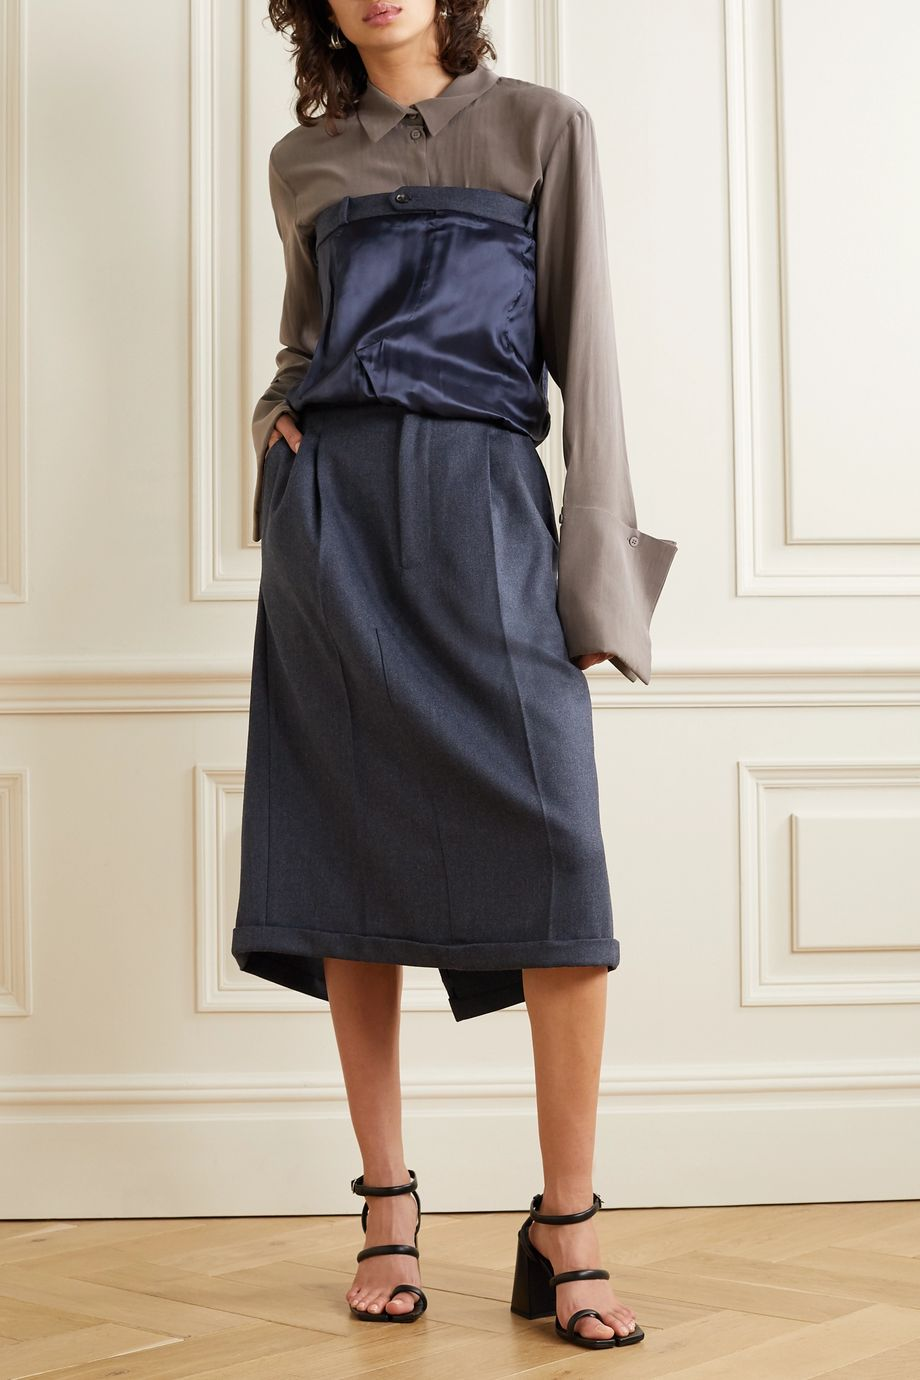 Maison Margiela 粒纹羊毛缎面斜纹布抹胸式连衣裙